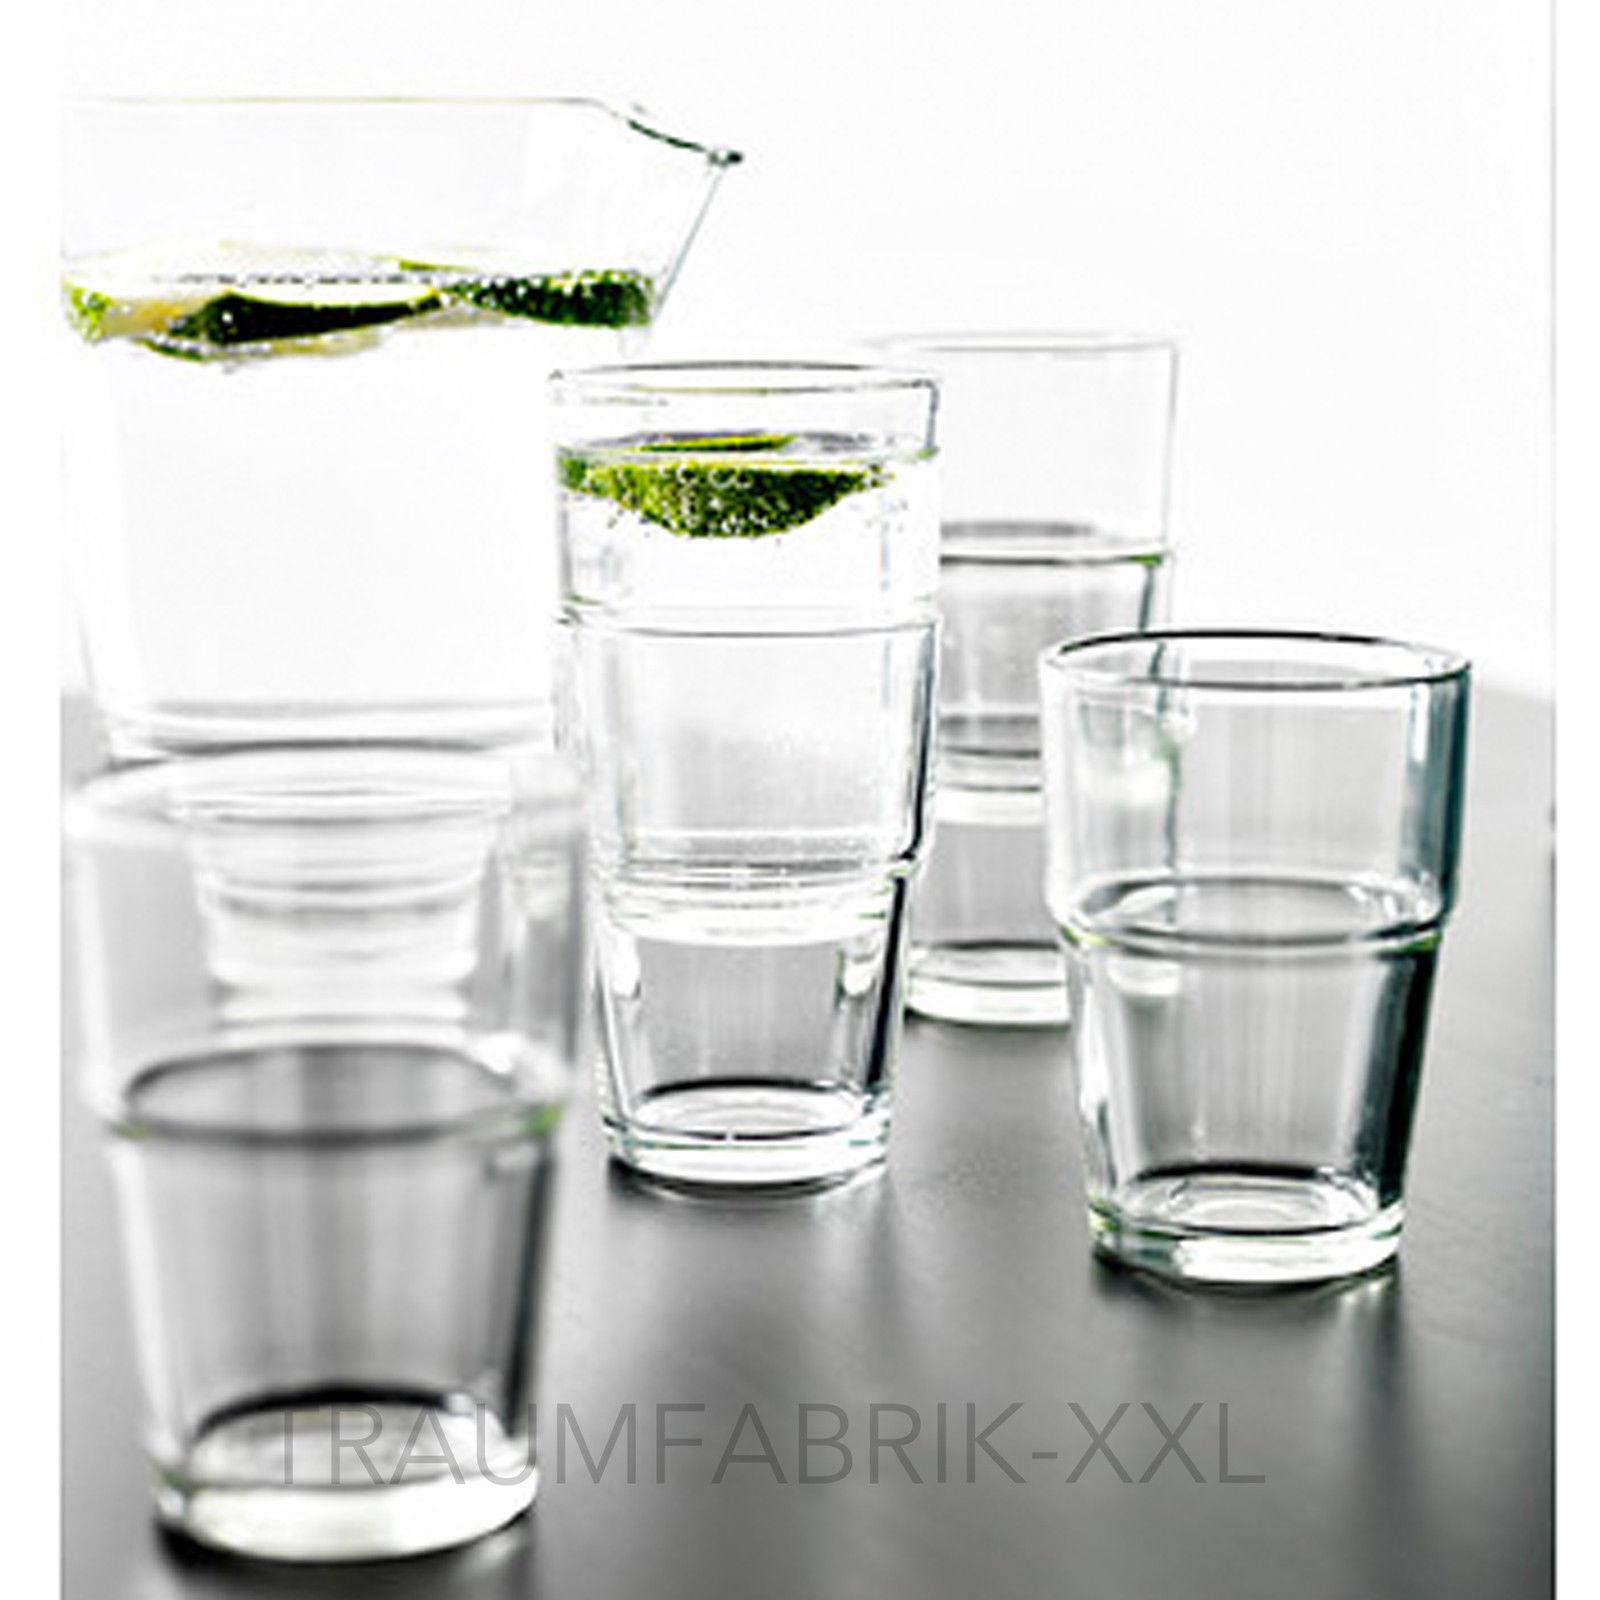 wasserglas 6 st ck glas trinkglas wassergl ser trinkgl ser saftglas gl ser neu traumfabrik xxl. Black Bedroom Furniture Sets. Home Design Ideas